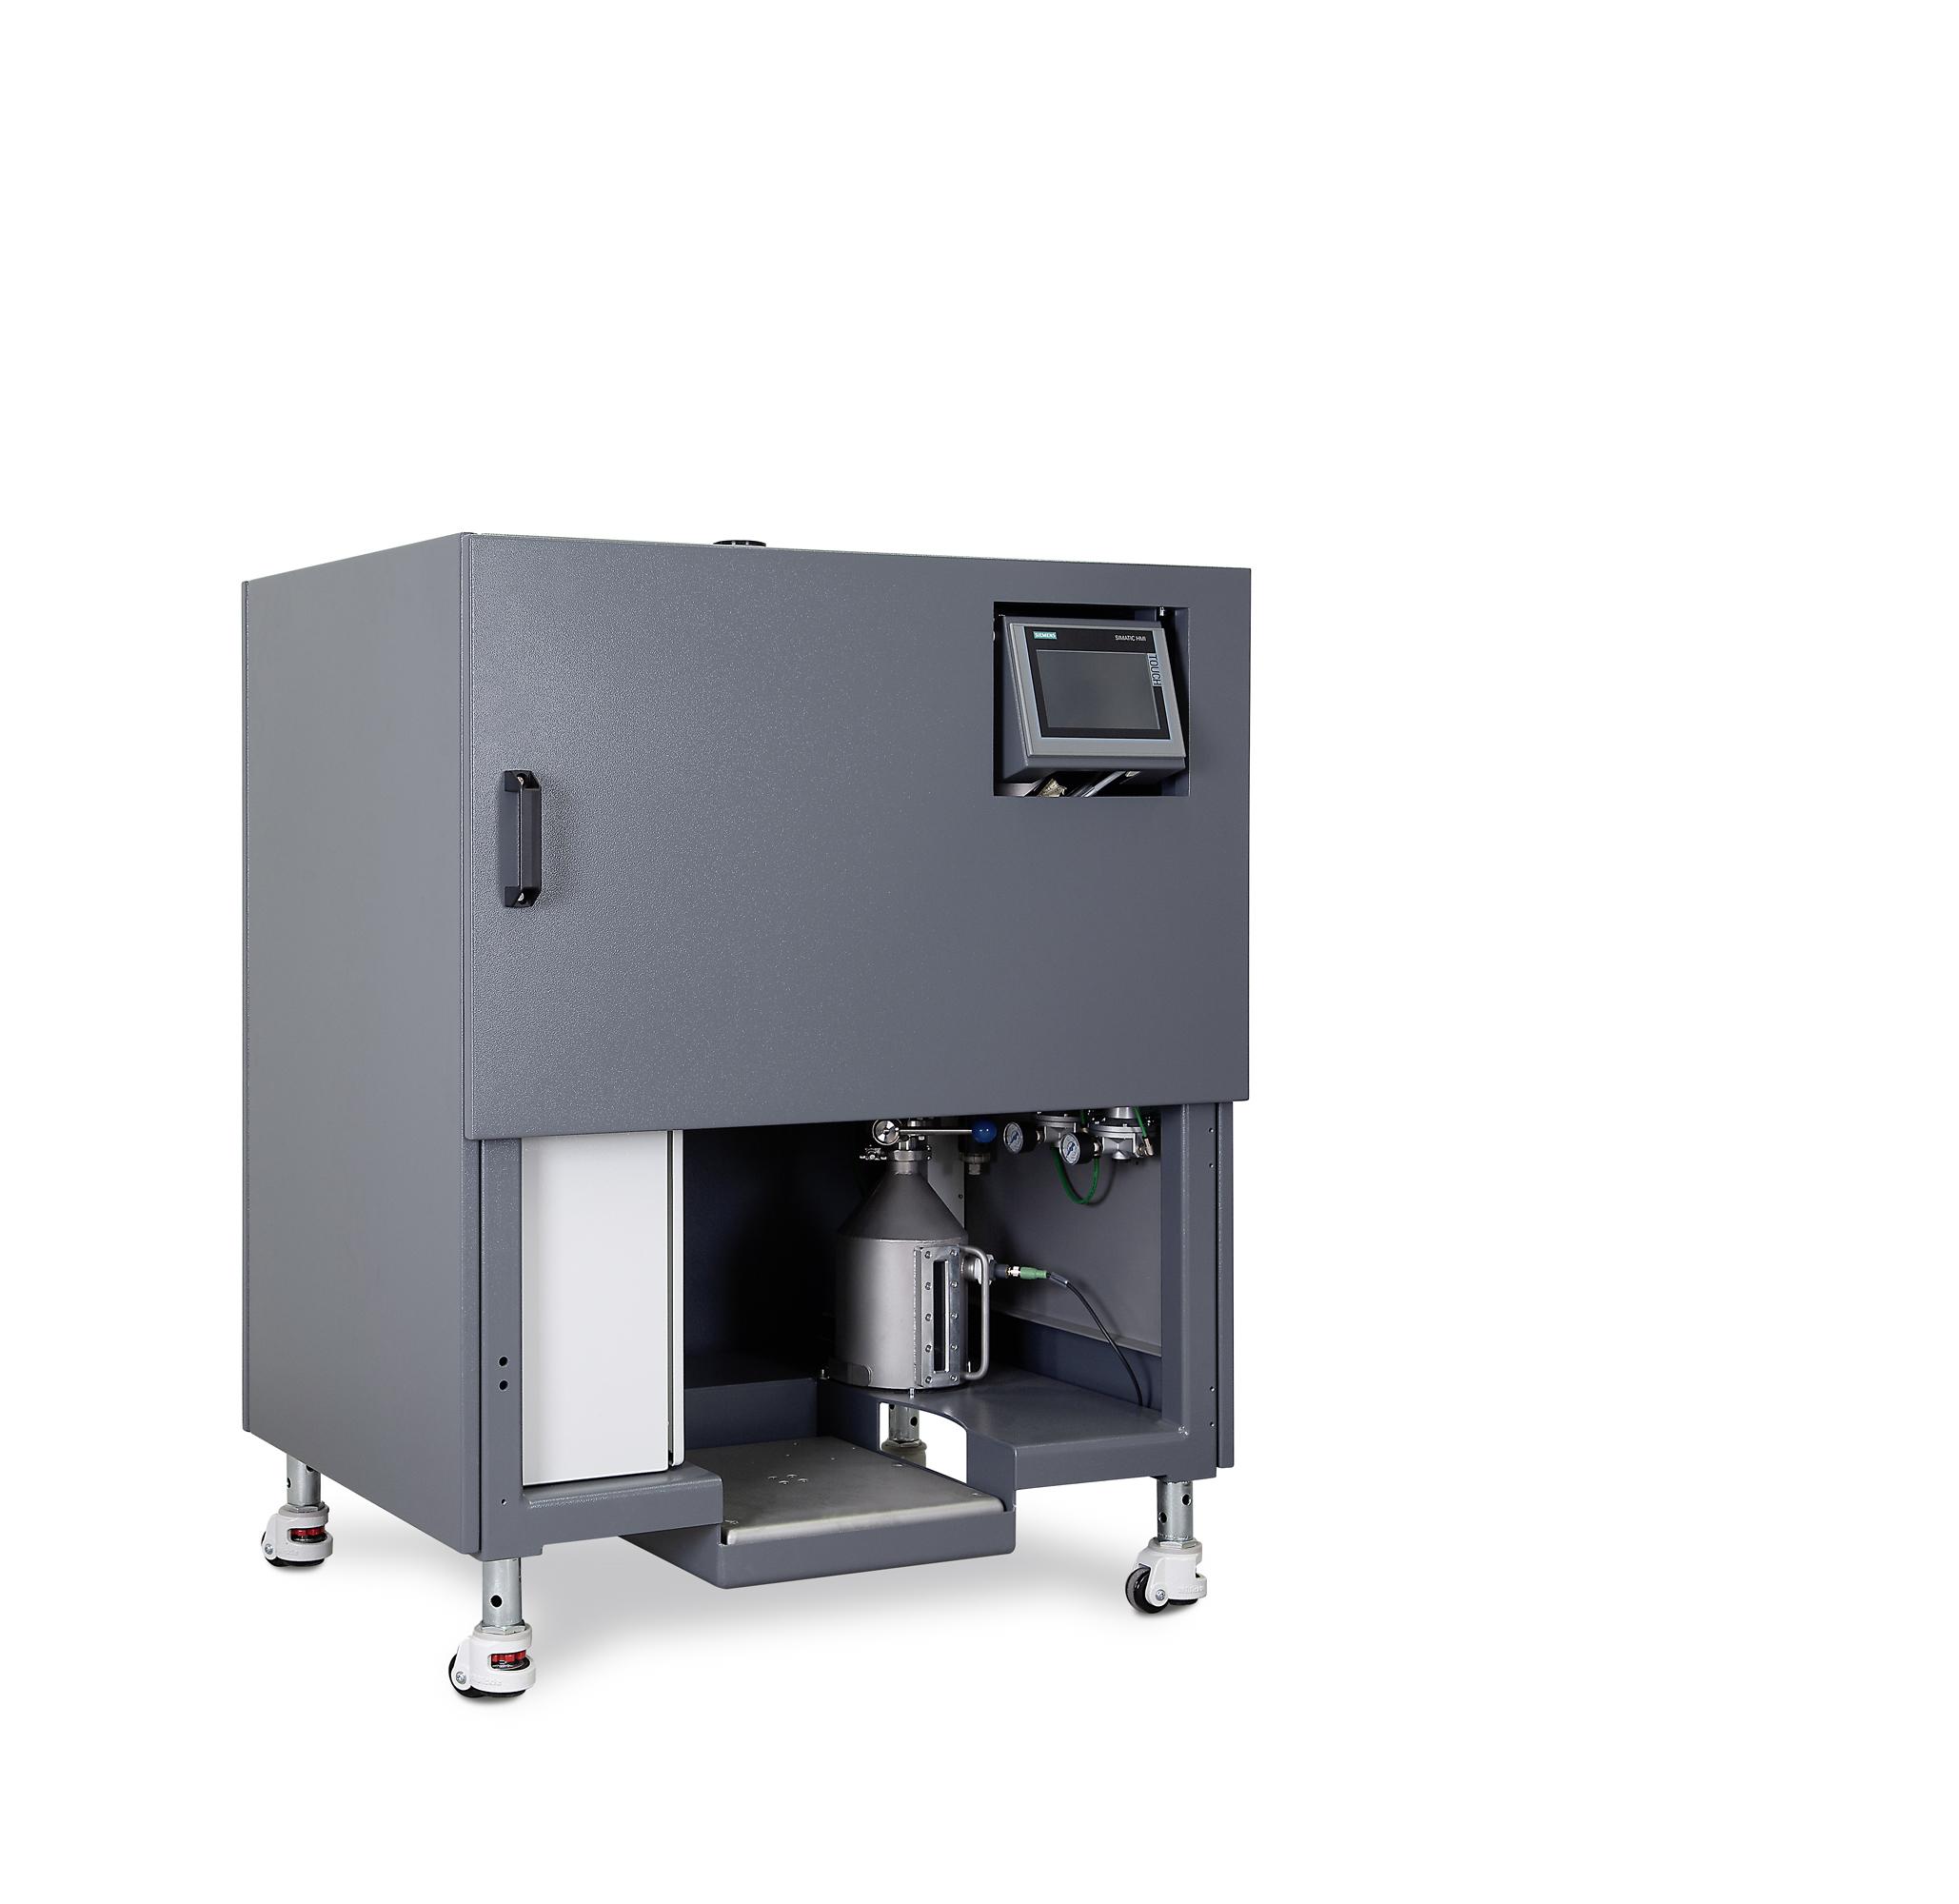 Ultraschall Siebstation MPS X1